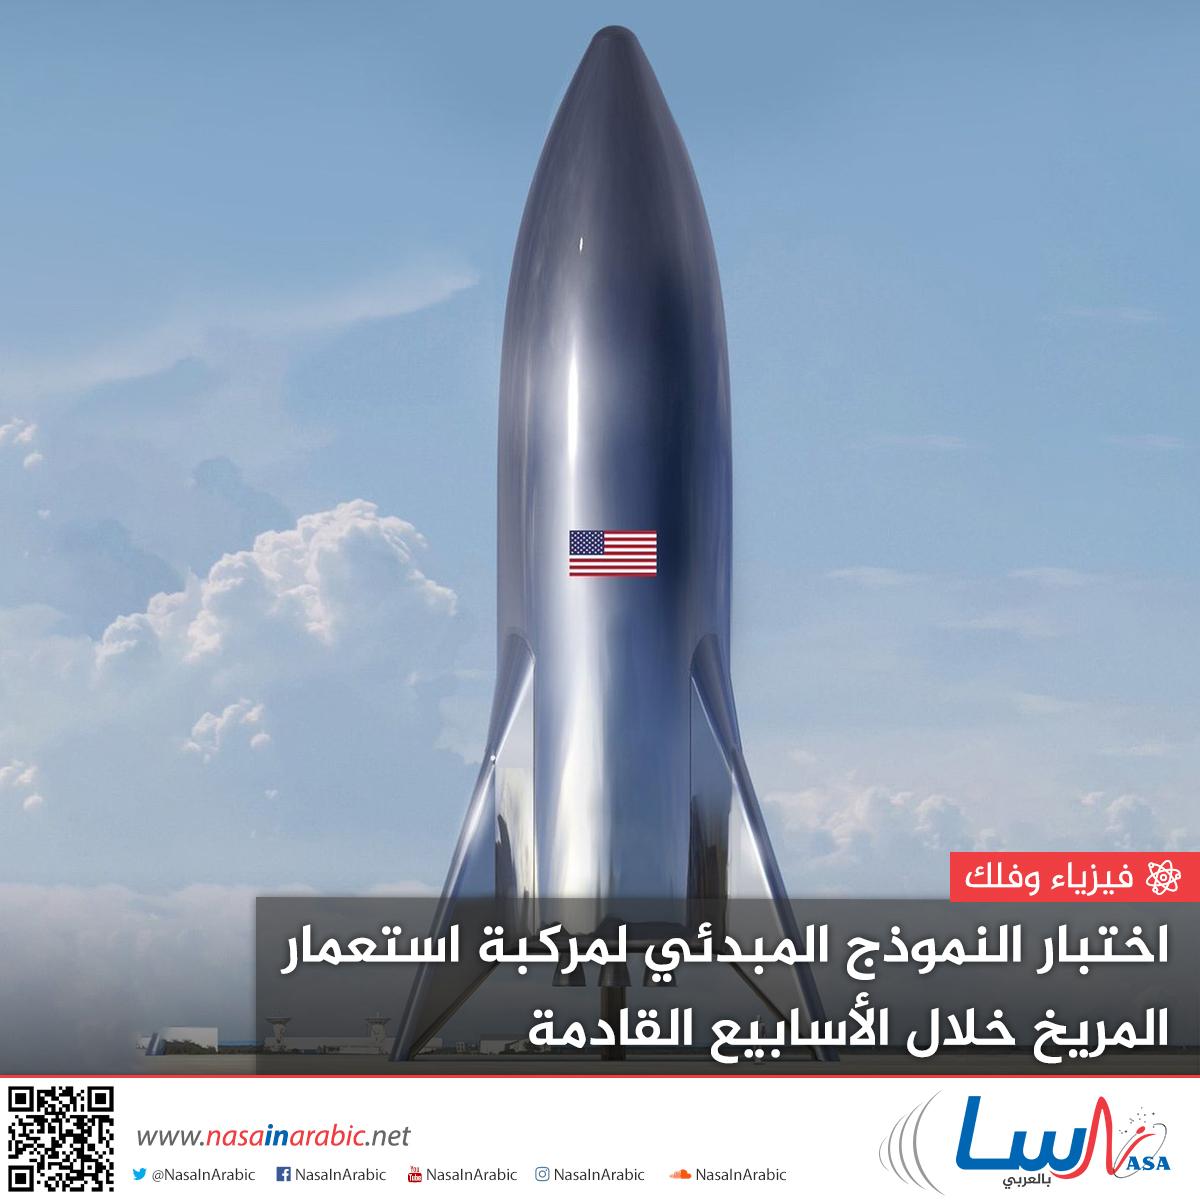 اختبار النموذج المبدئي لمركبة استعمار المريخ خلال الأسابيع القادمة